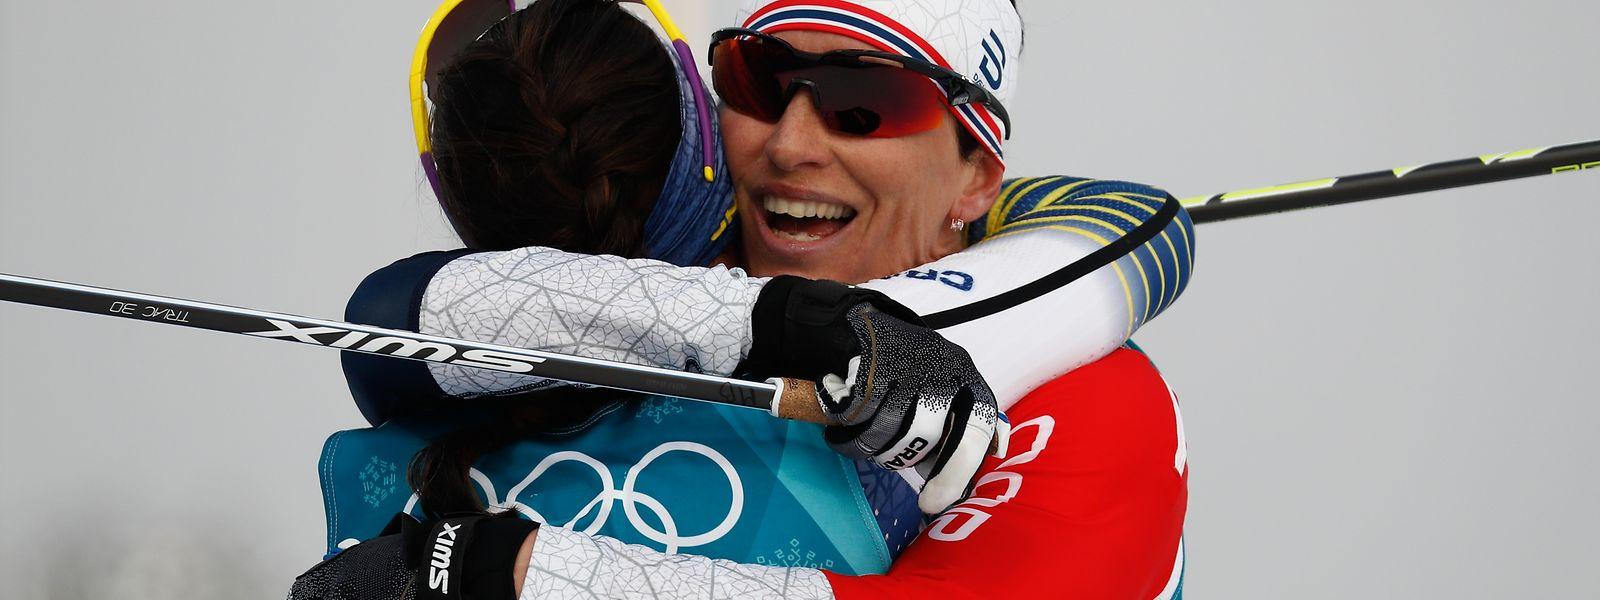 Die 30-Jährige Kalla (l.) setzte sich nach jeweils 7,5 km im klassischen und freien Stil vor der Norwegerin Marit Björgen (r.)  durch.